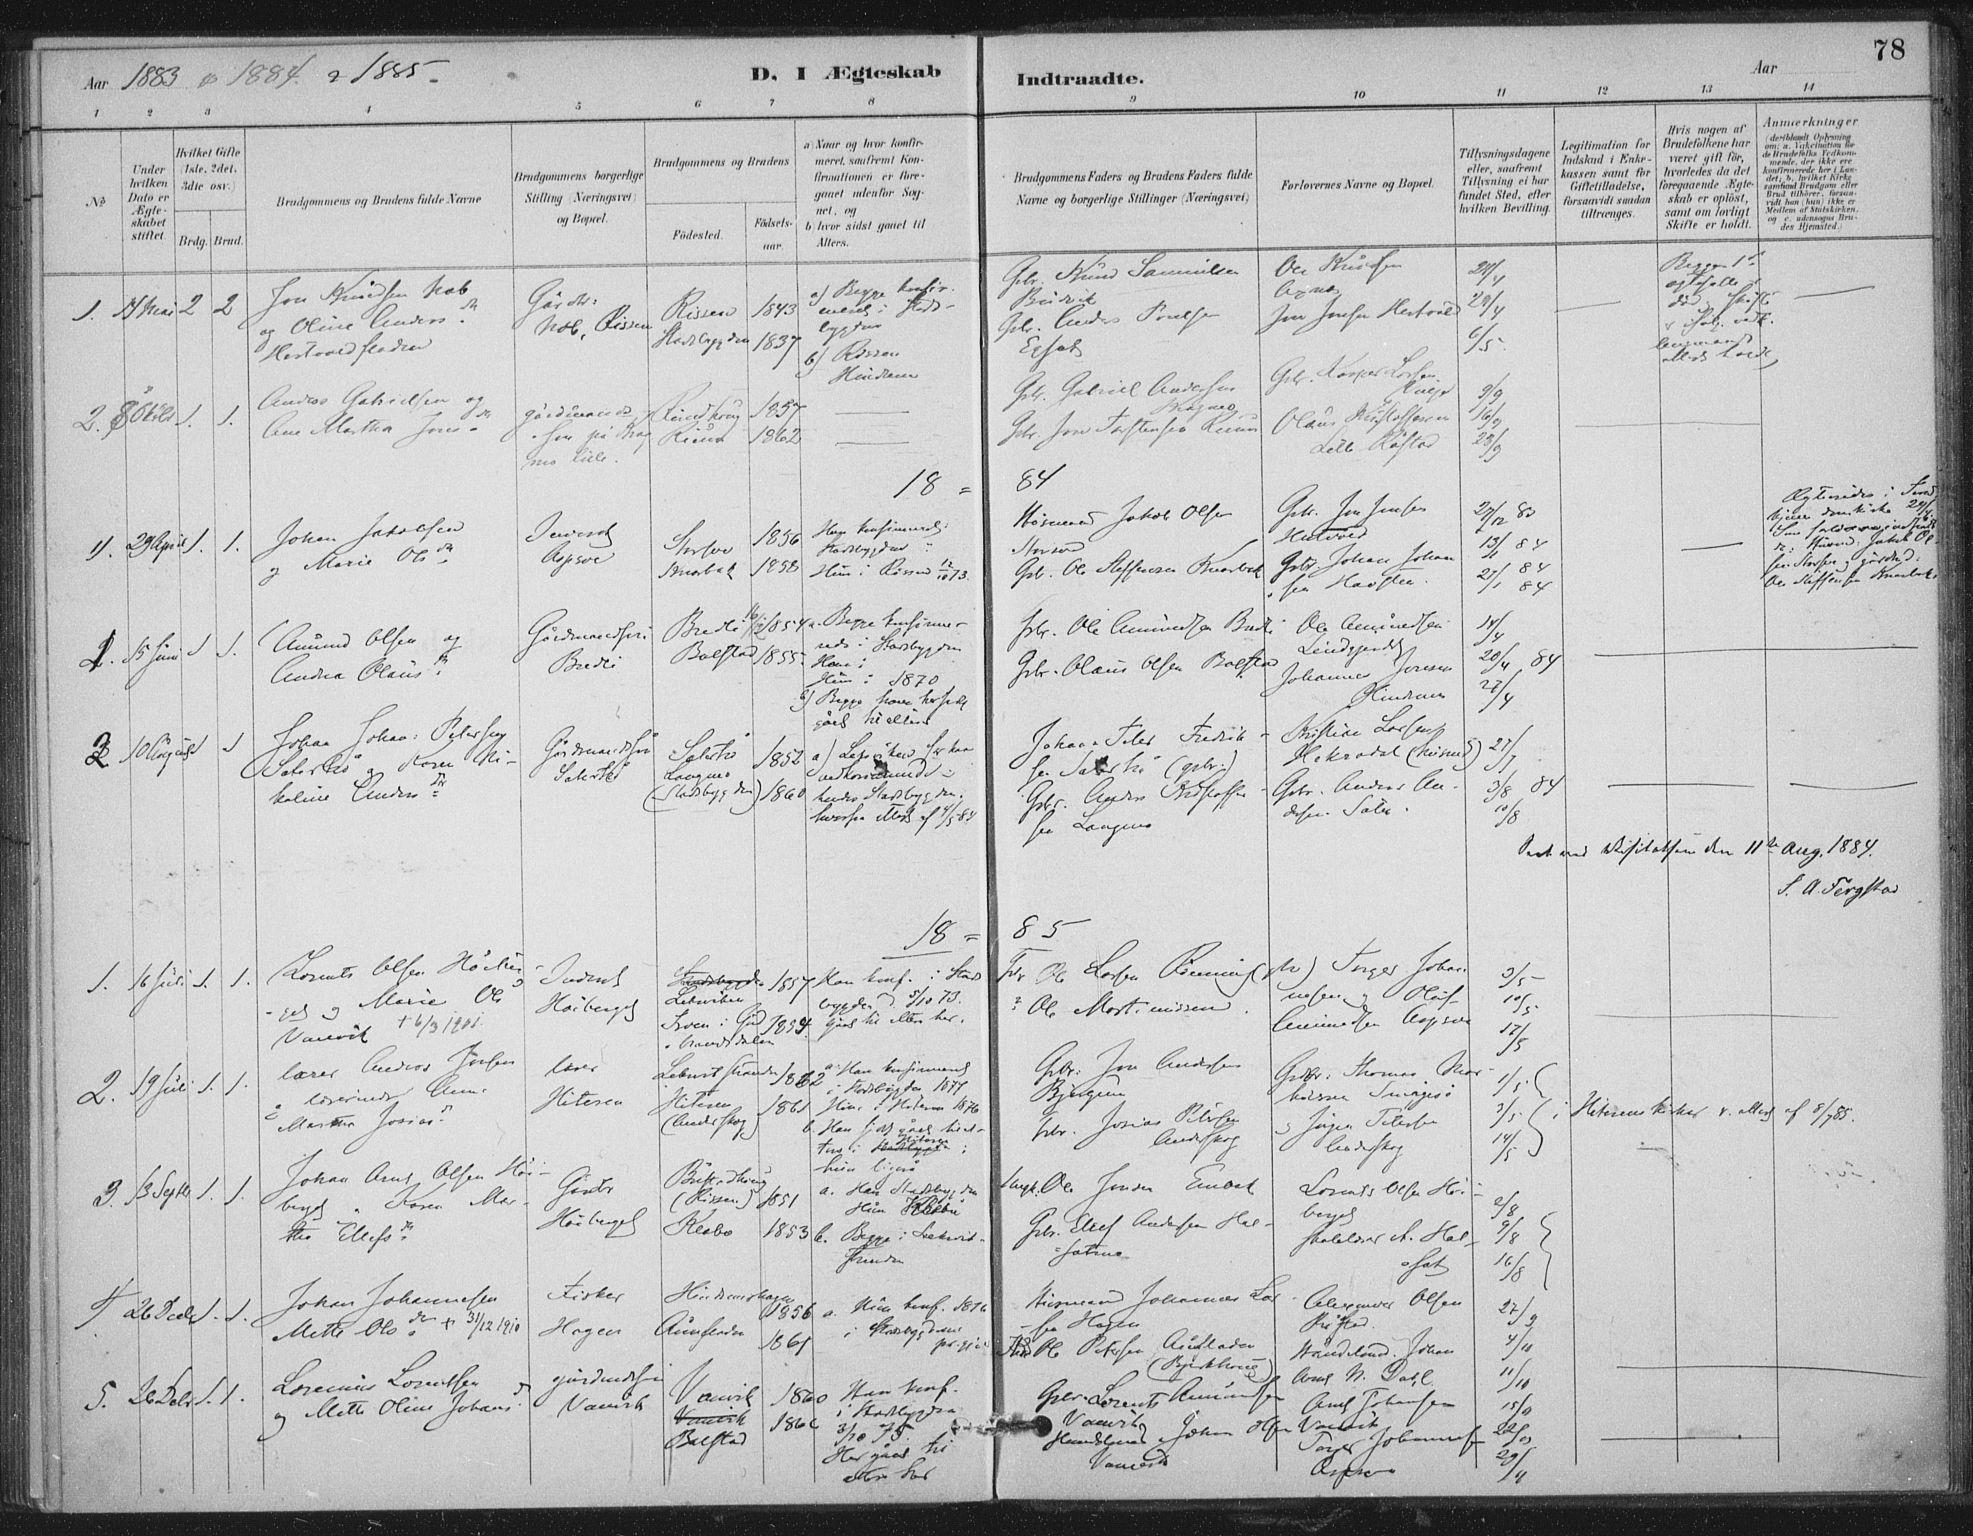 SAT, Ministerialprotokoller, klokkerbøker og fødselsregistre - Nord-Trøndelag, 702/L0023: Ministerialbok nr. 702A01, 1883-1897, s. 78